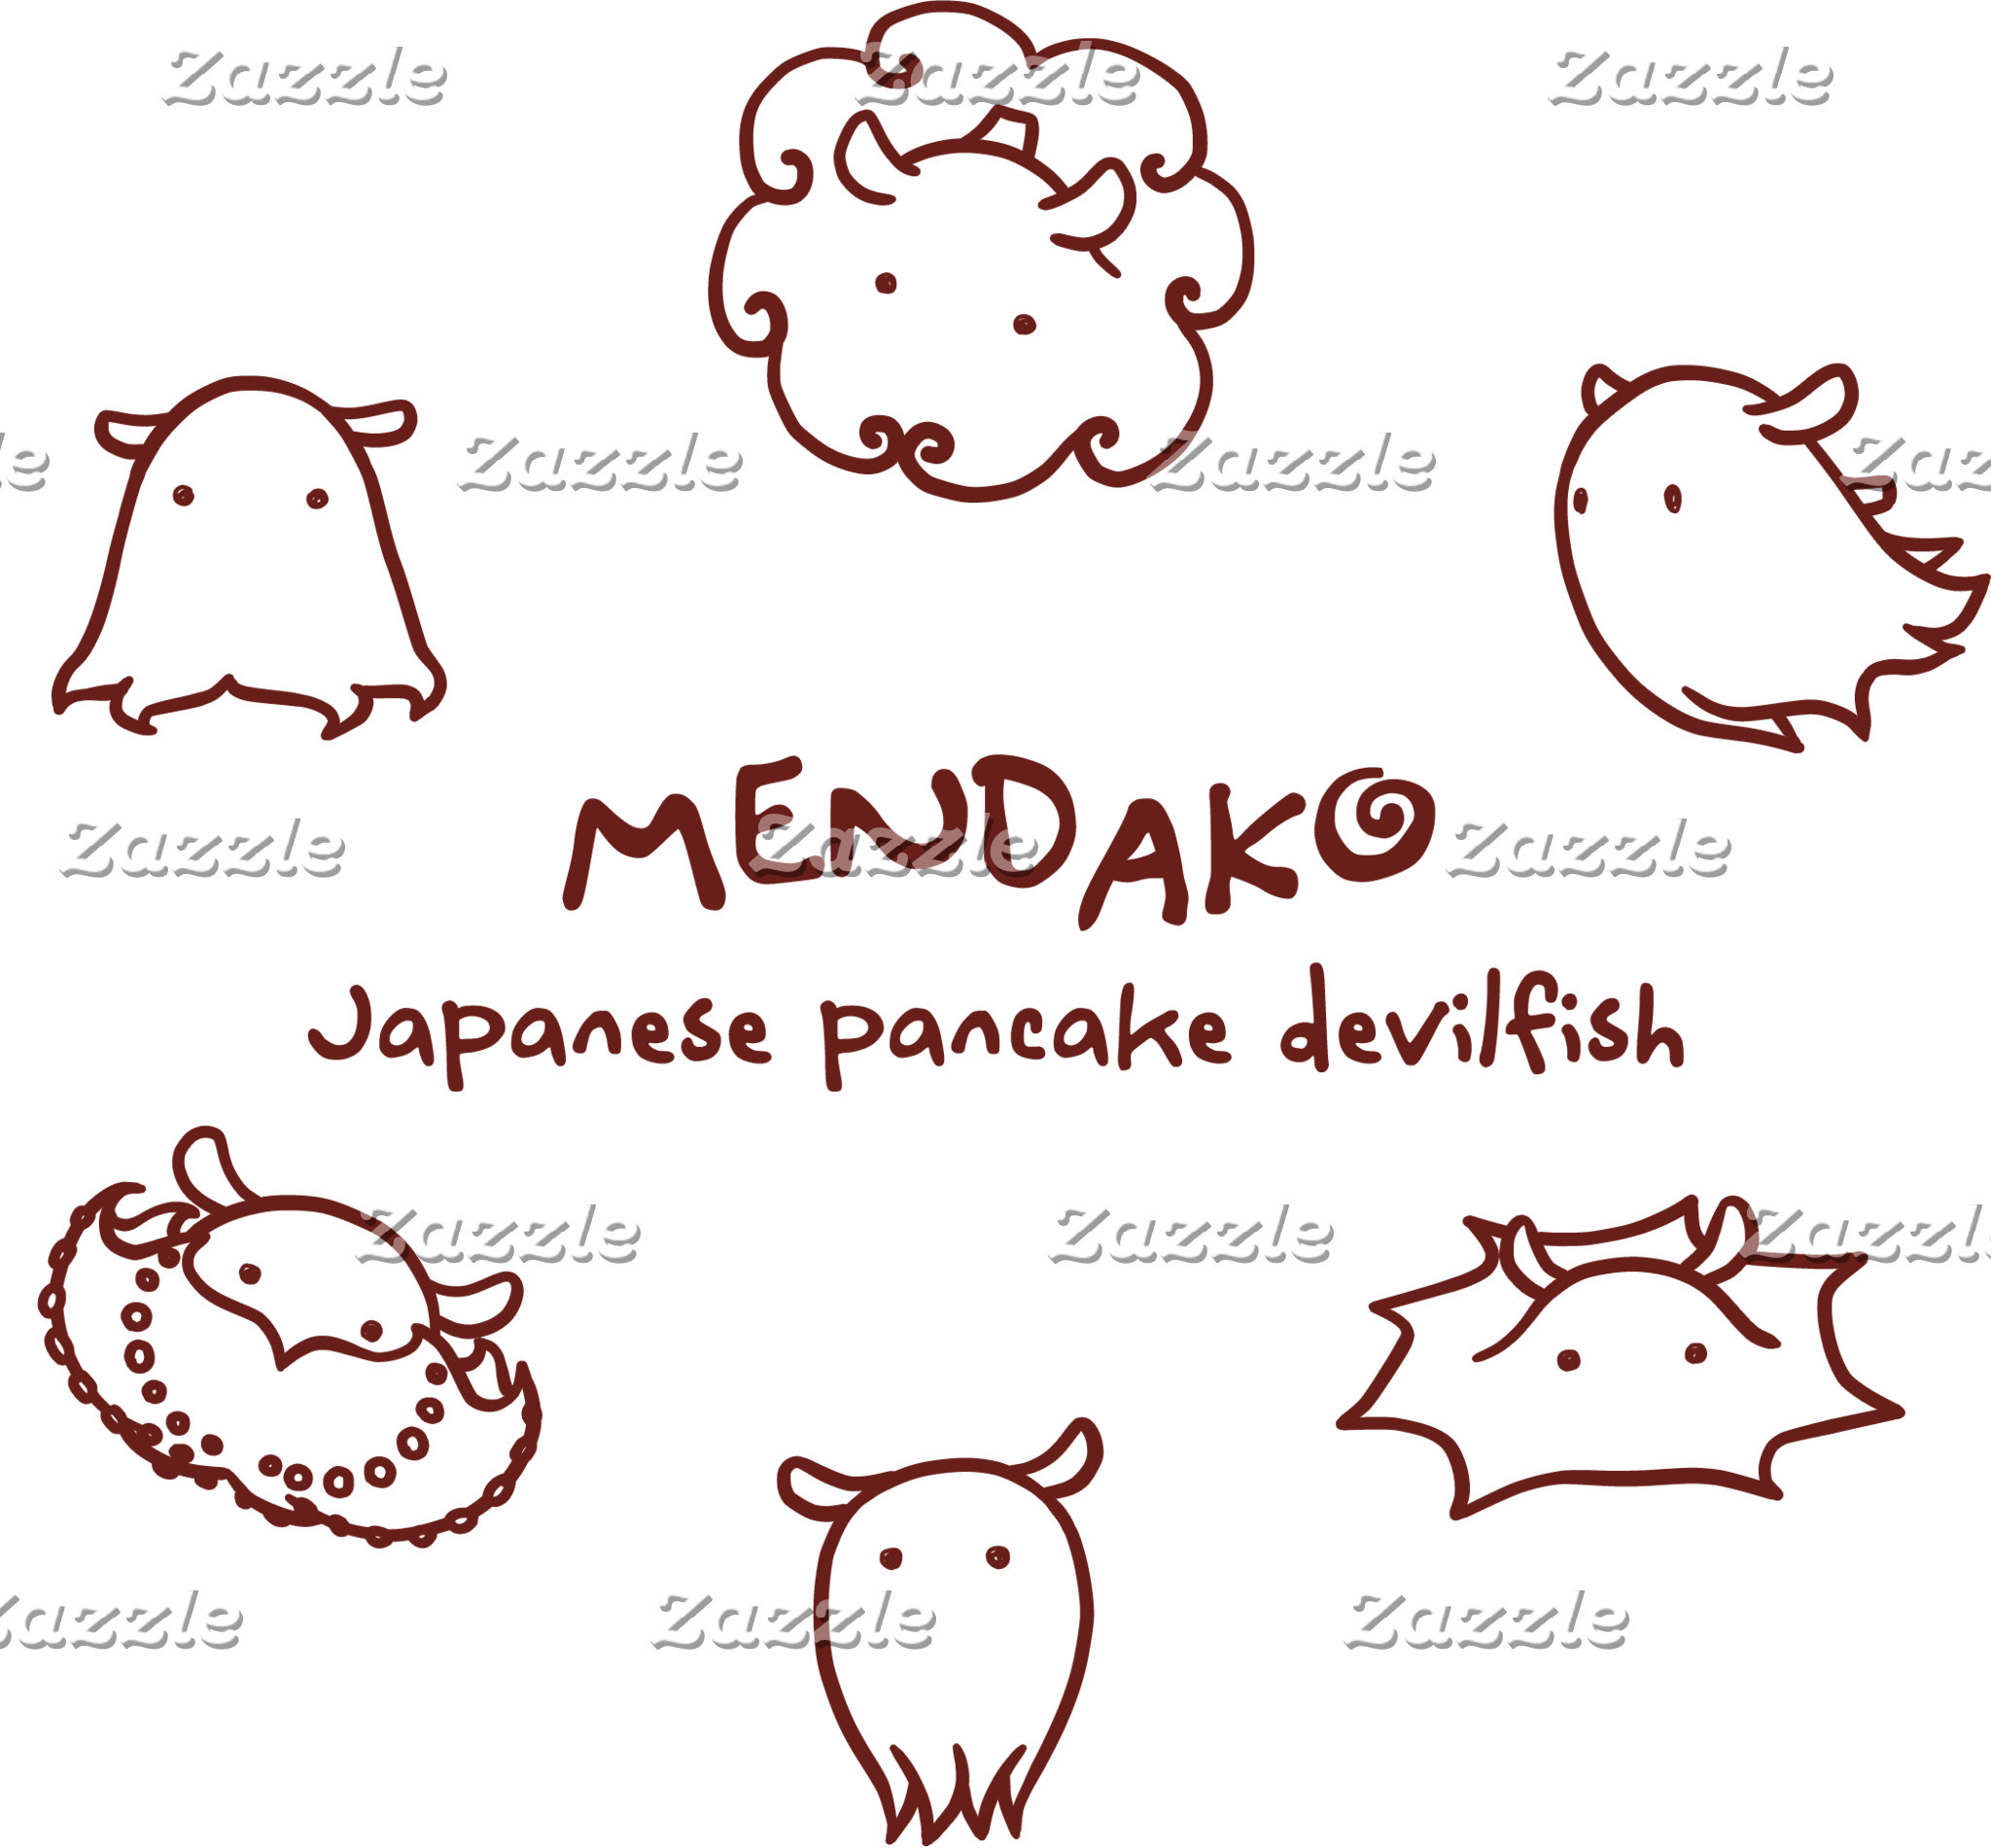 【メンダコ (エンジ)】 Japanese pancake devilfish (Red)